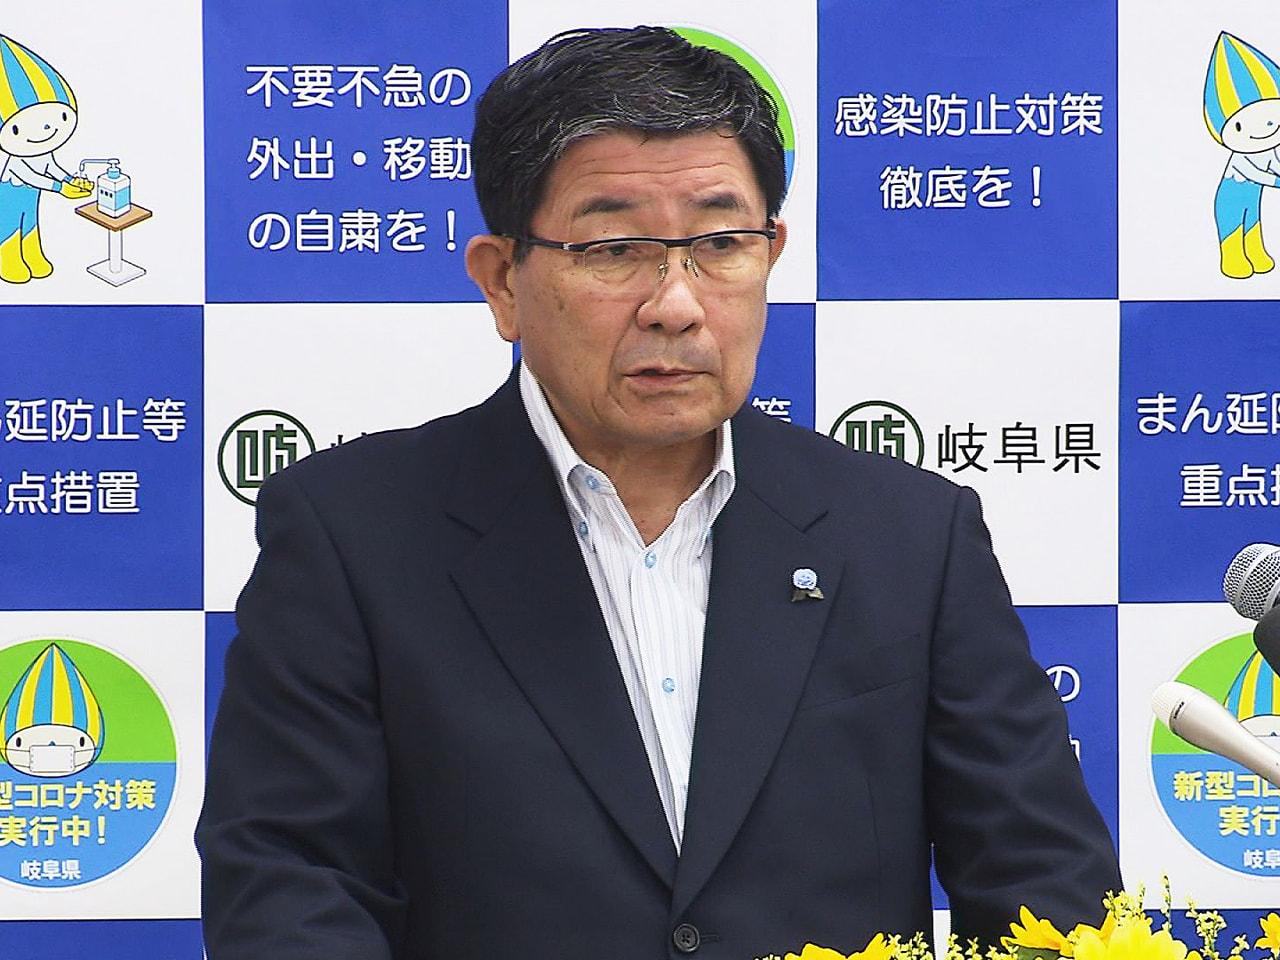 岐阜県の古田肇知事は15日、県内で開催予定の東京オリンピック・パラリンピックのパ...